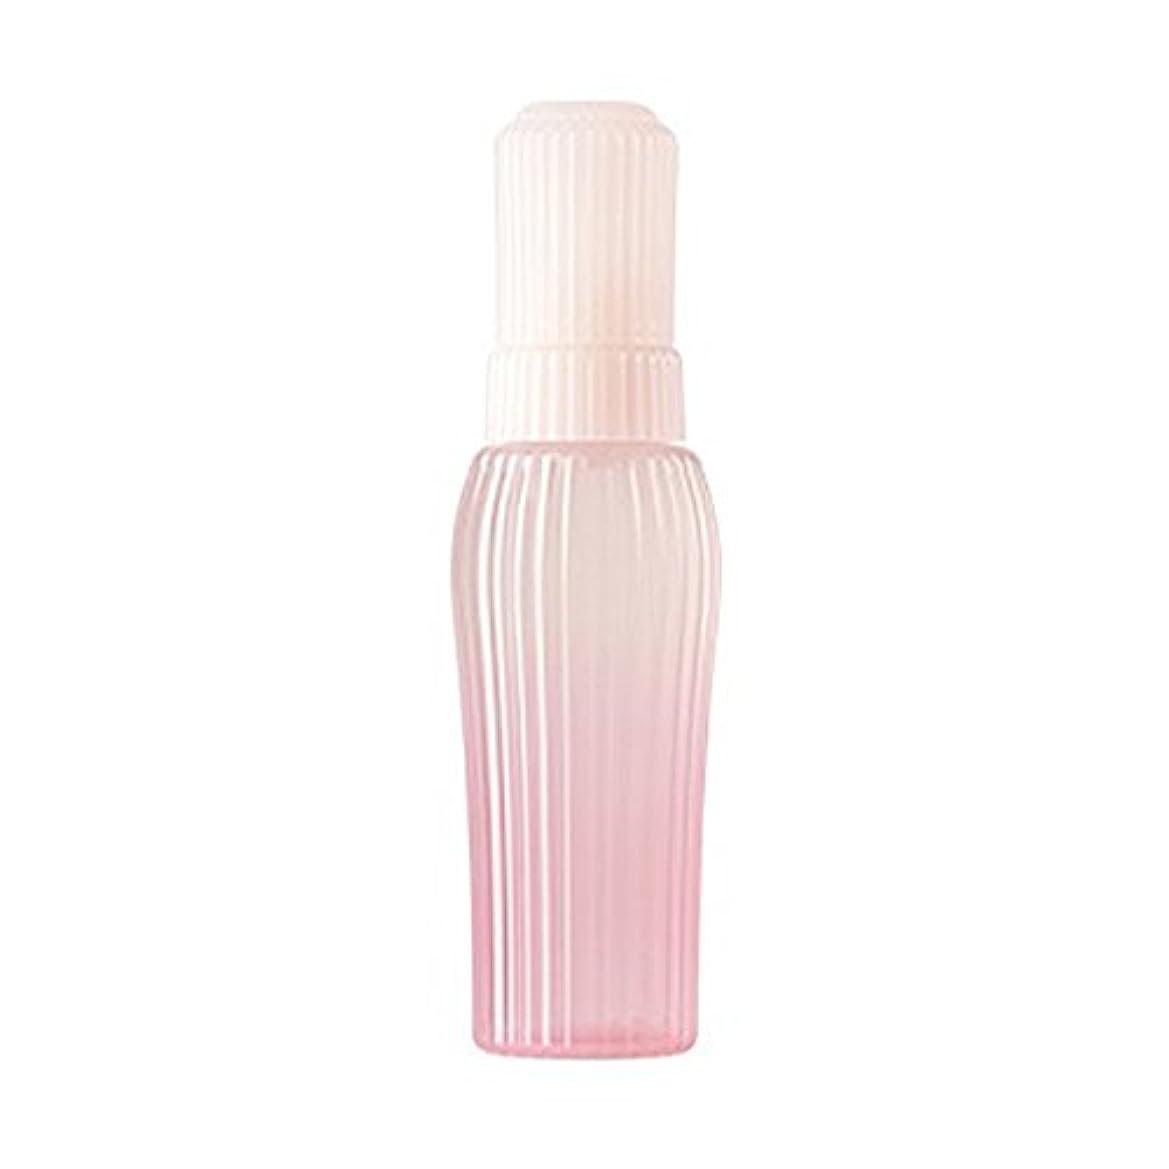 ドロップ控えるウサギアユーラ (AYURA) fサインディフェンス スキンエンハンサー (医薬部外品) 130mL 〈敏感肌用 化粧水〉薬用美容水